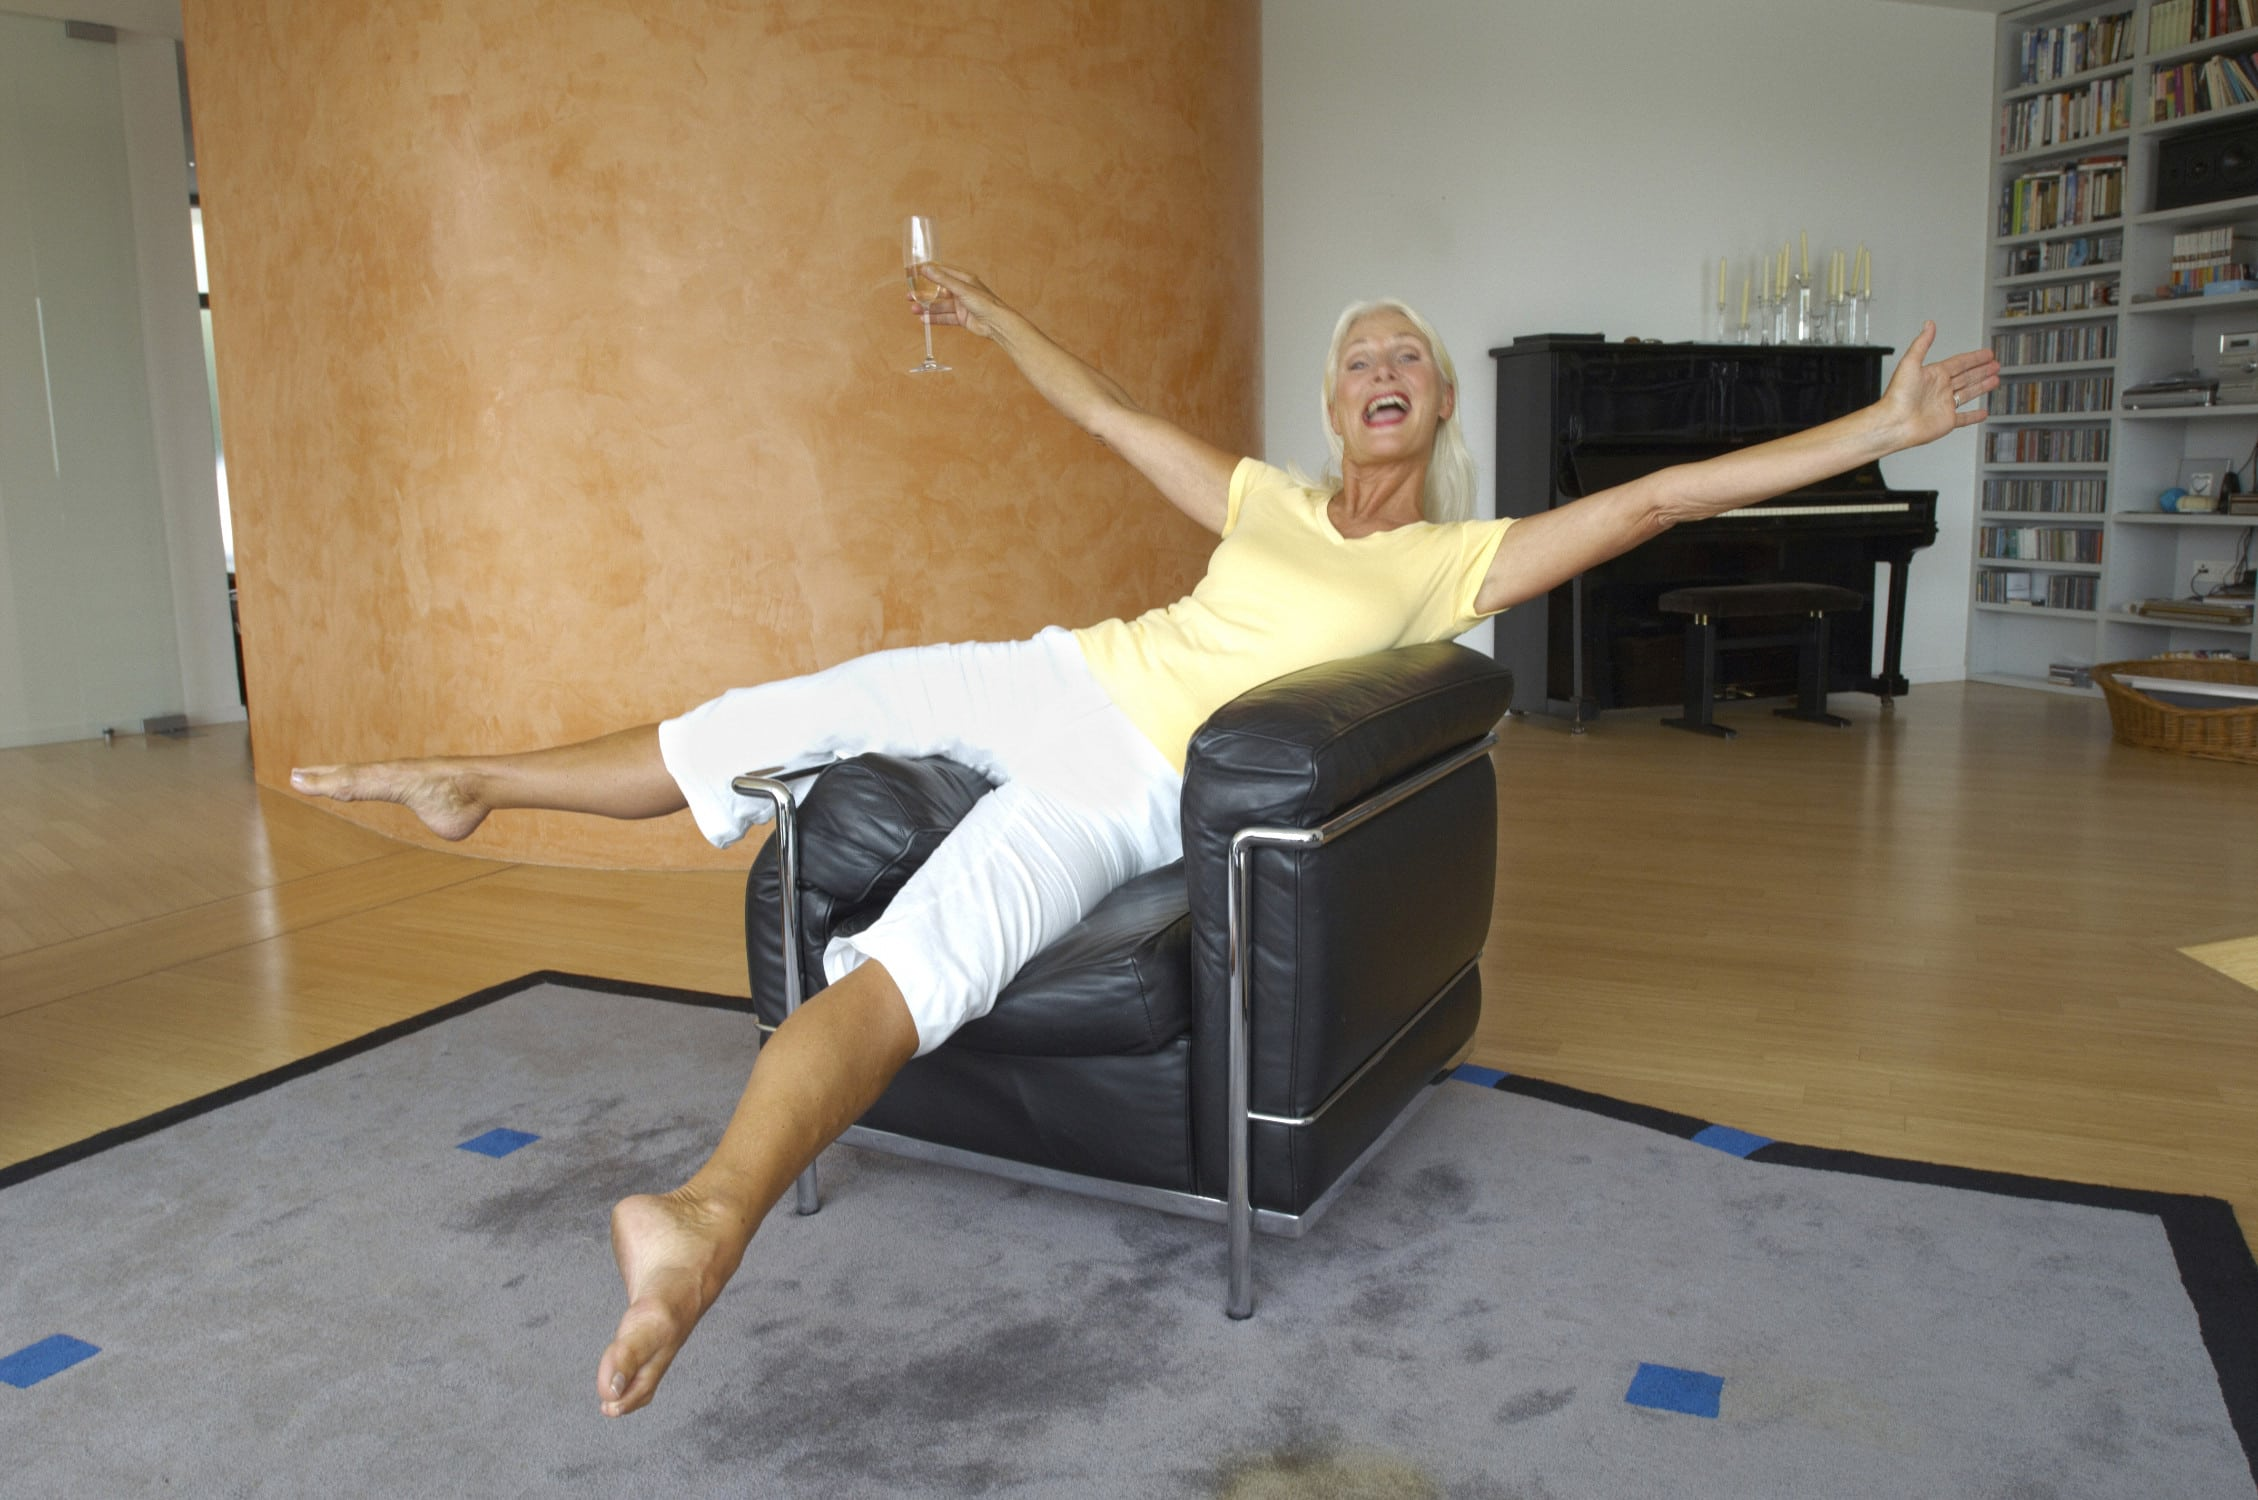 Sehr agile Seniorin reckt und steckt sich auf einem Sessel im Wohnzimmer